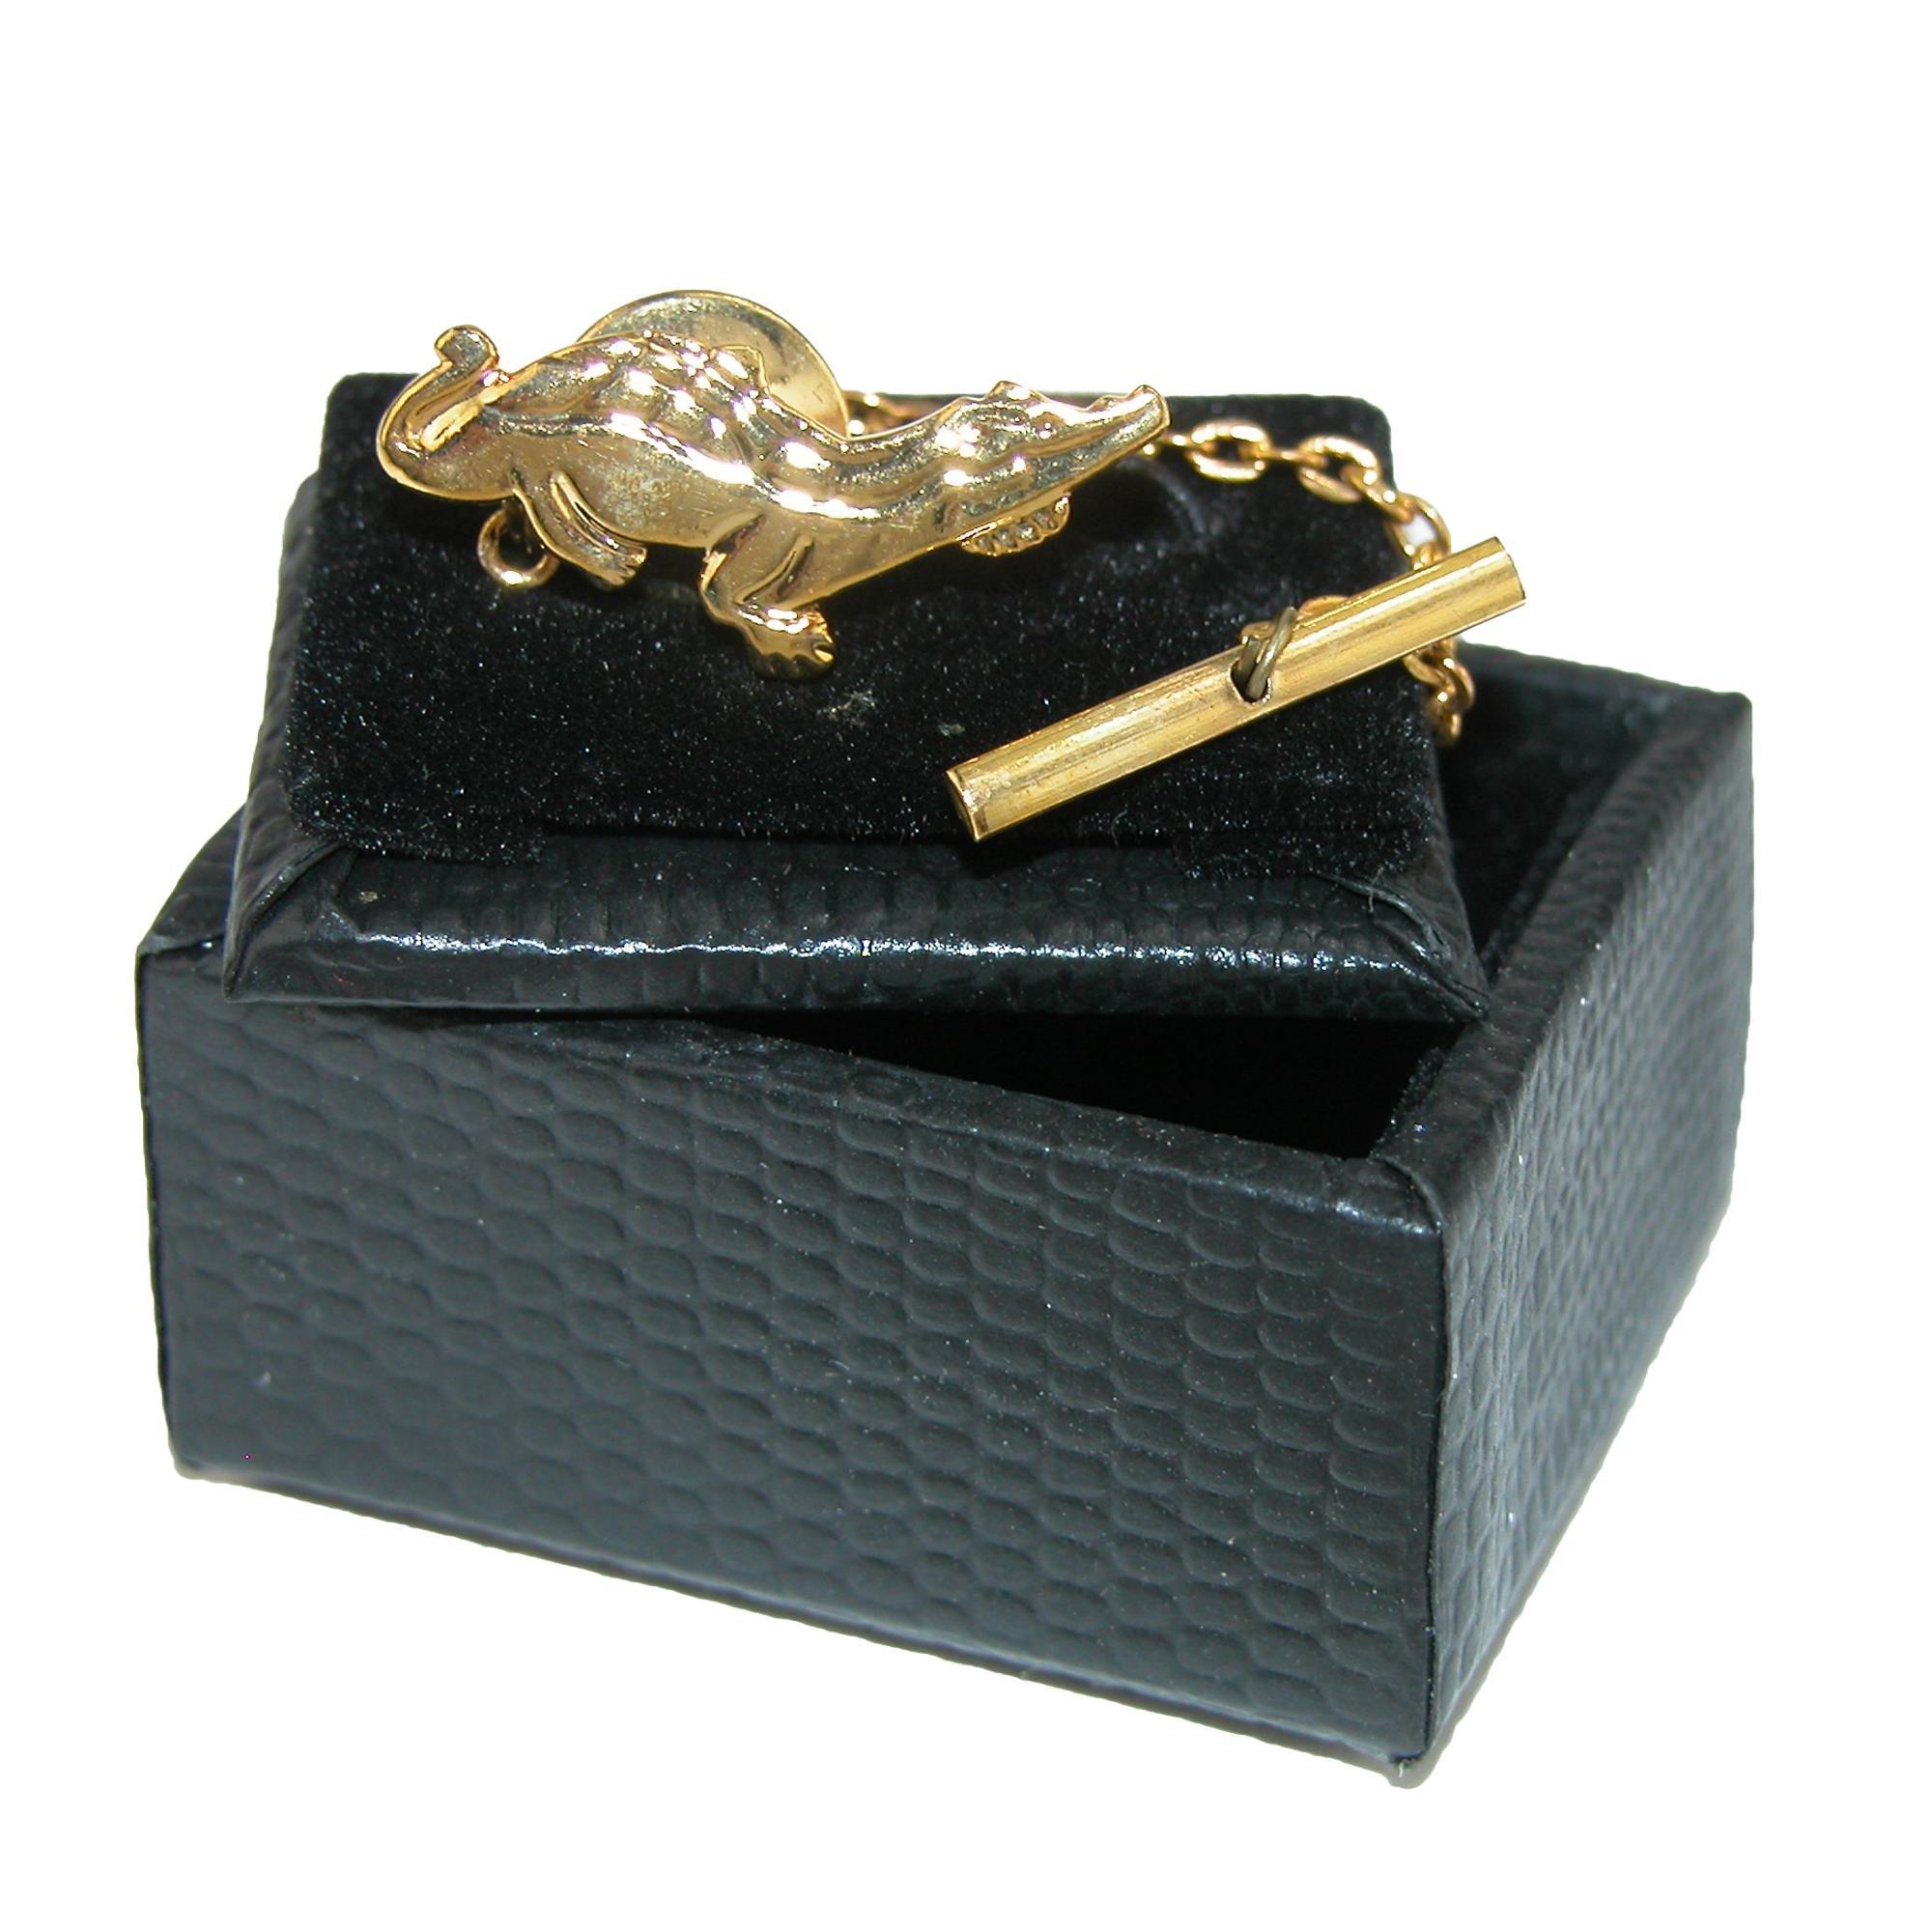 Cuffs New York Men's Alligator Tie Tac, Gold by Cuffs New York (Image #3)